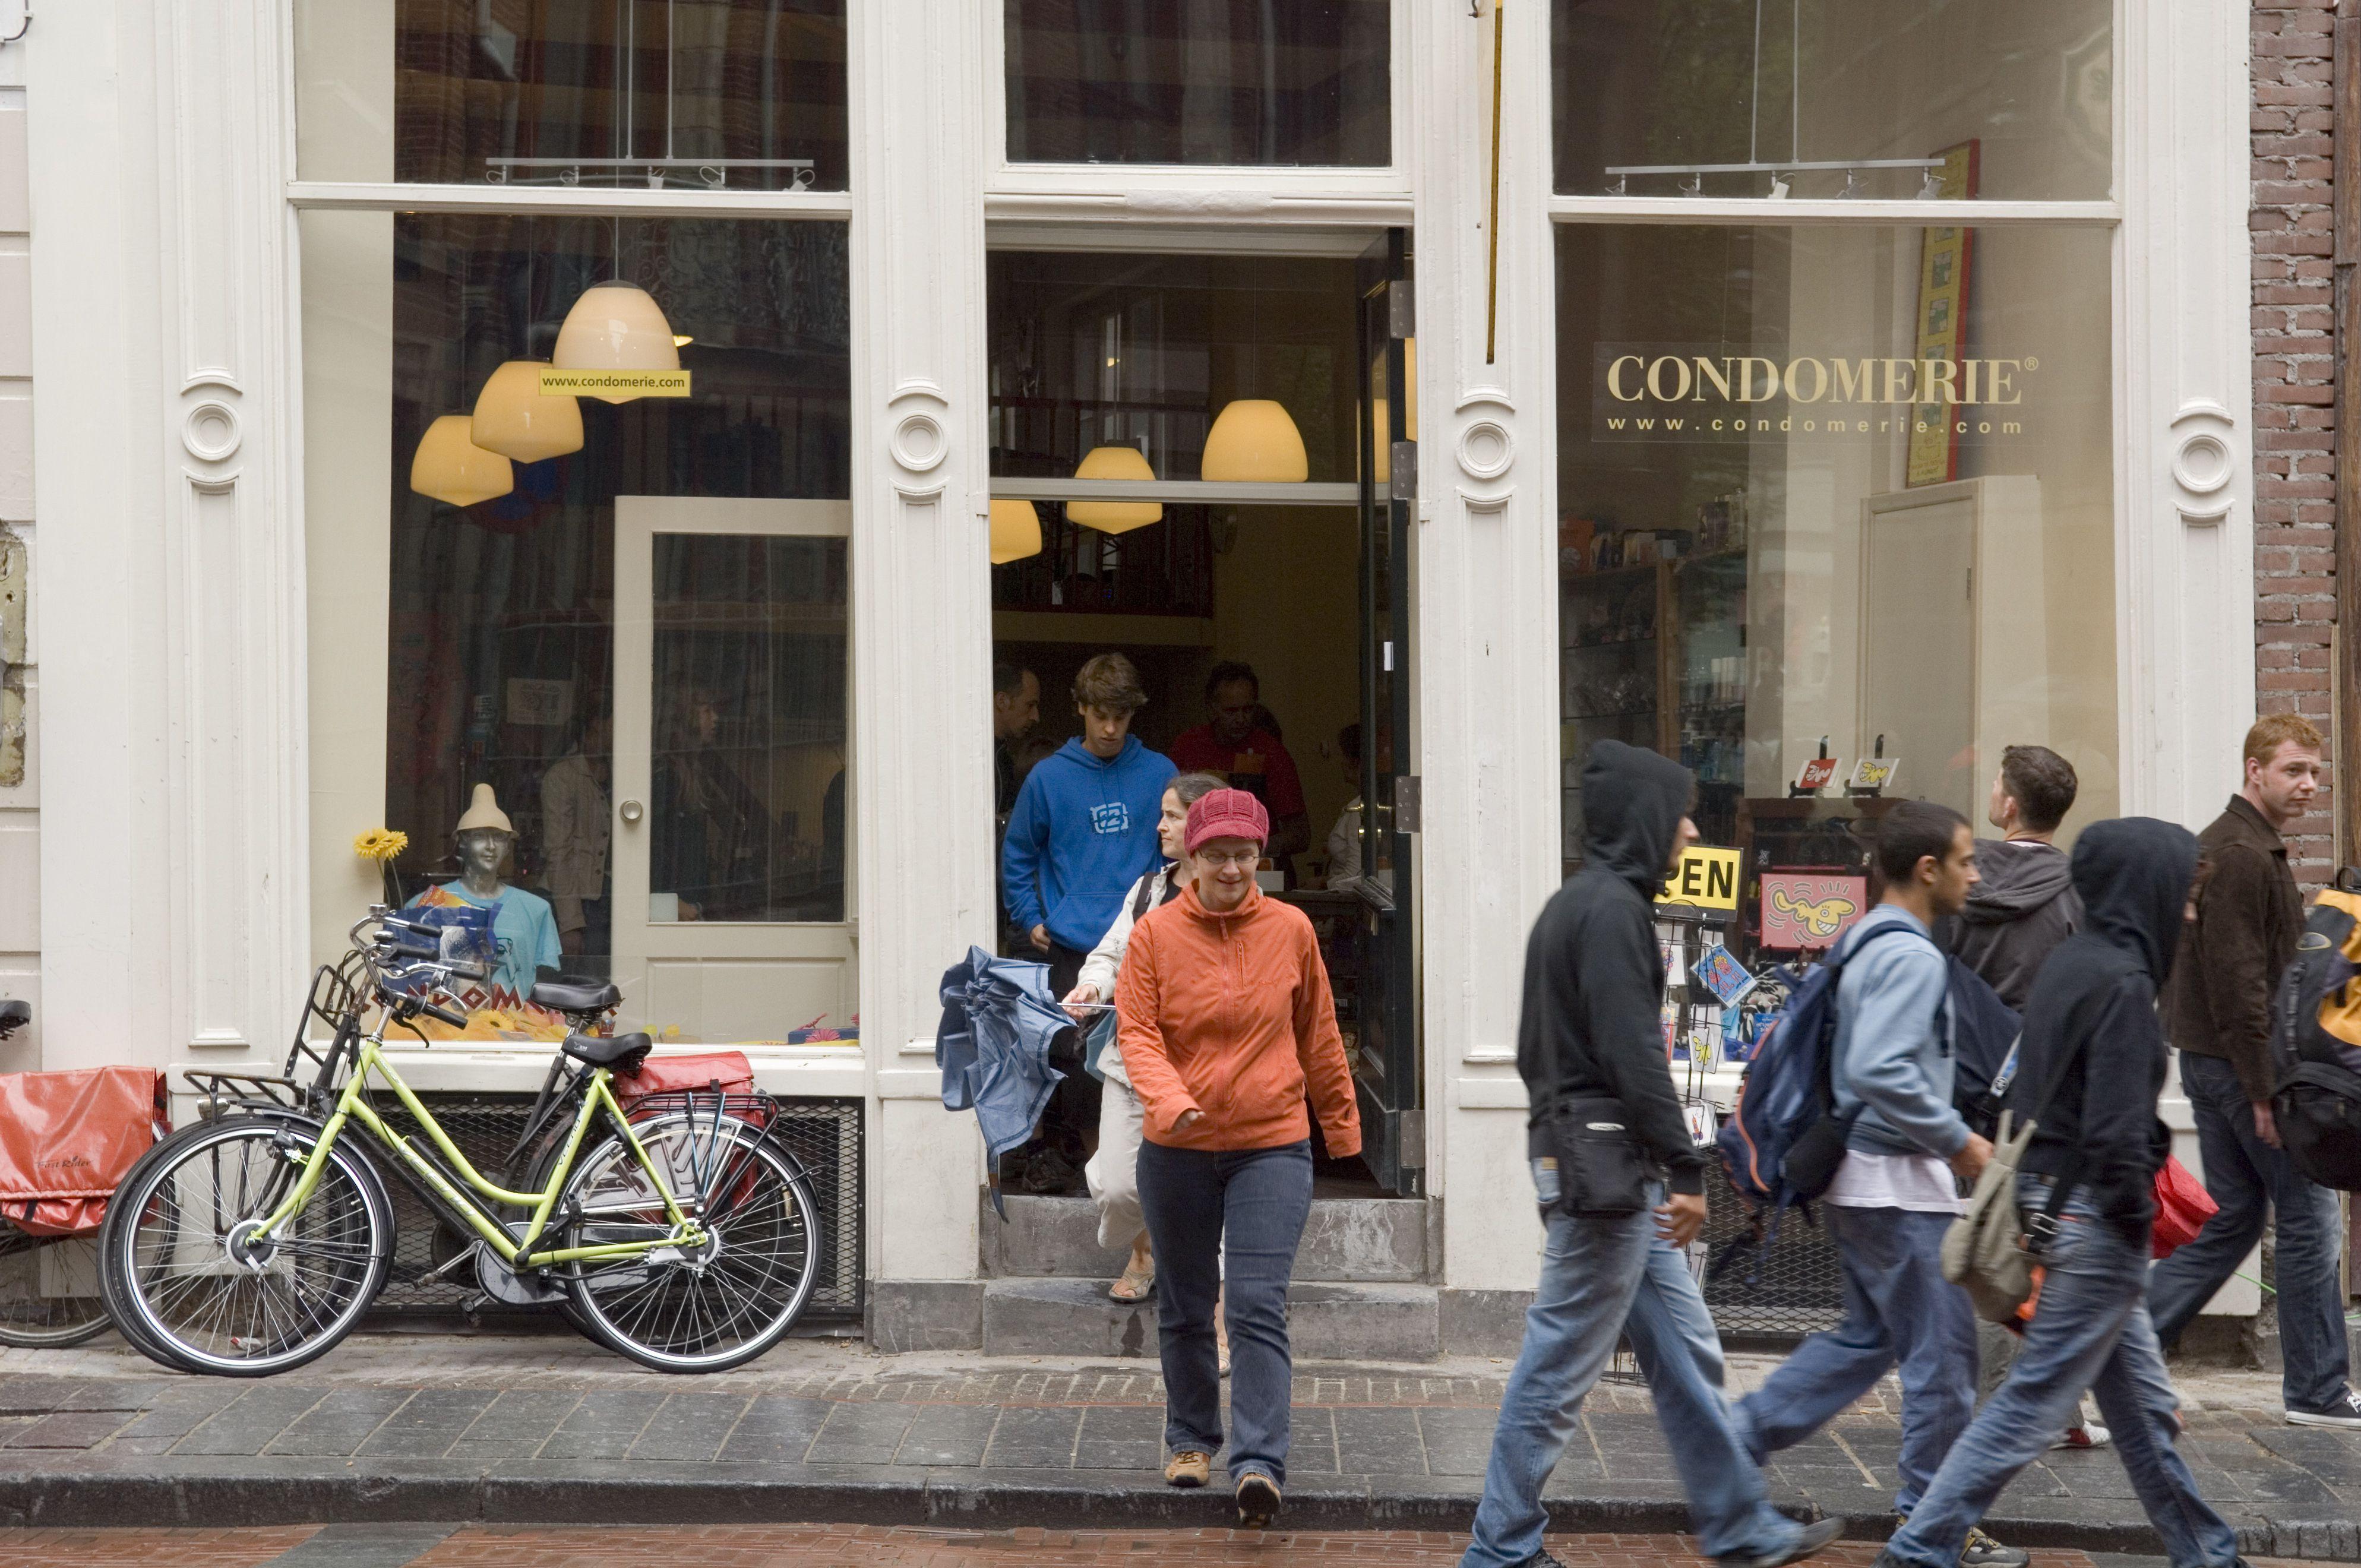 Condomerie Het Gulden Vlies novelty condom shop.